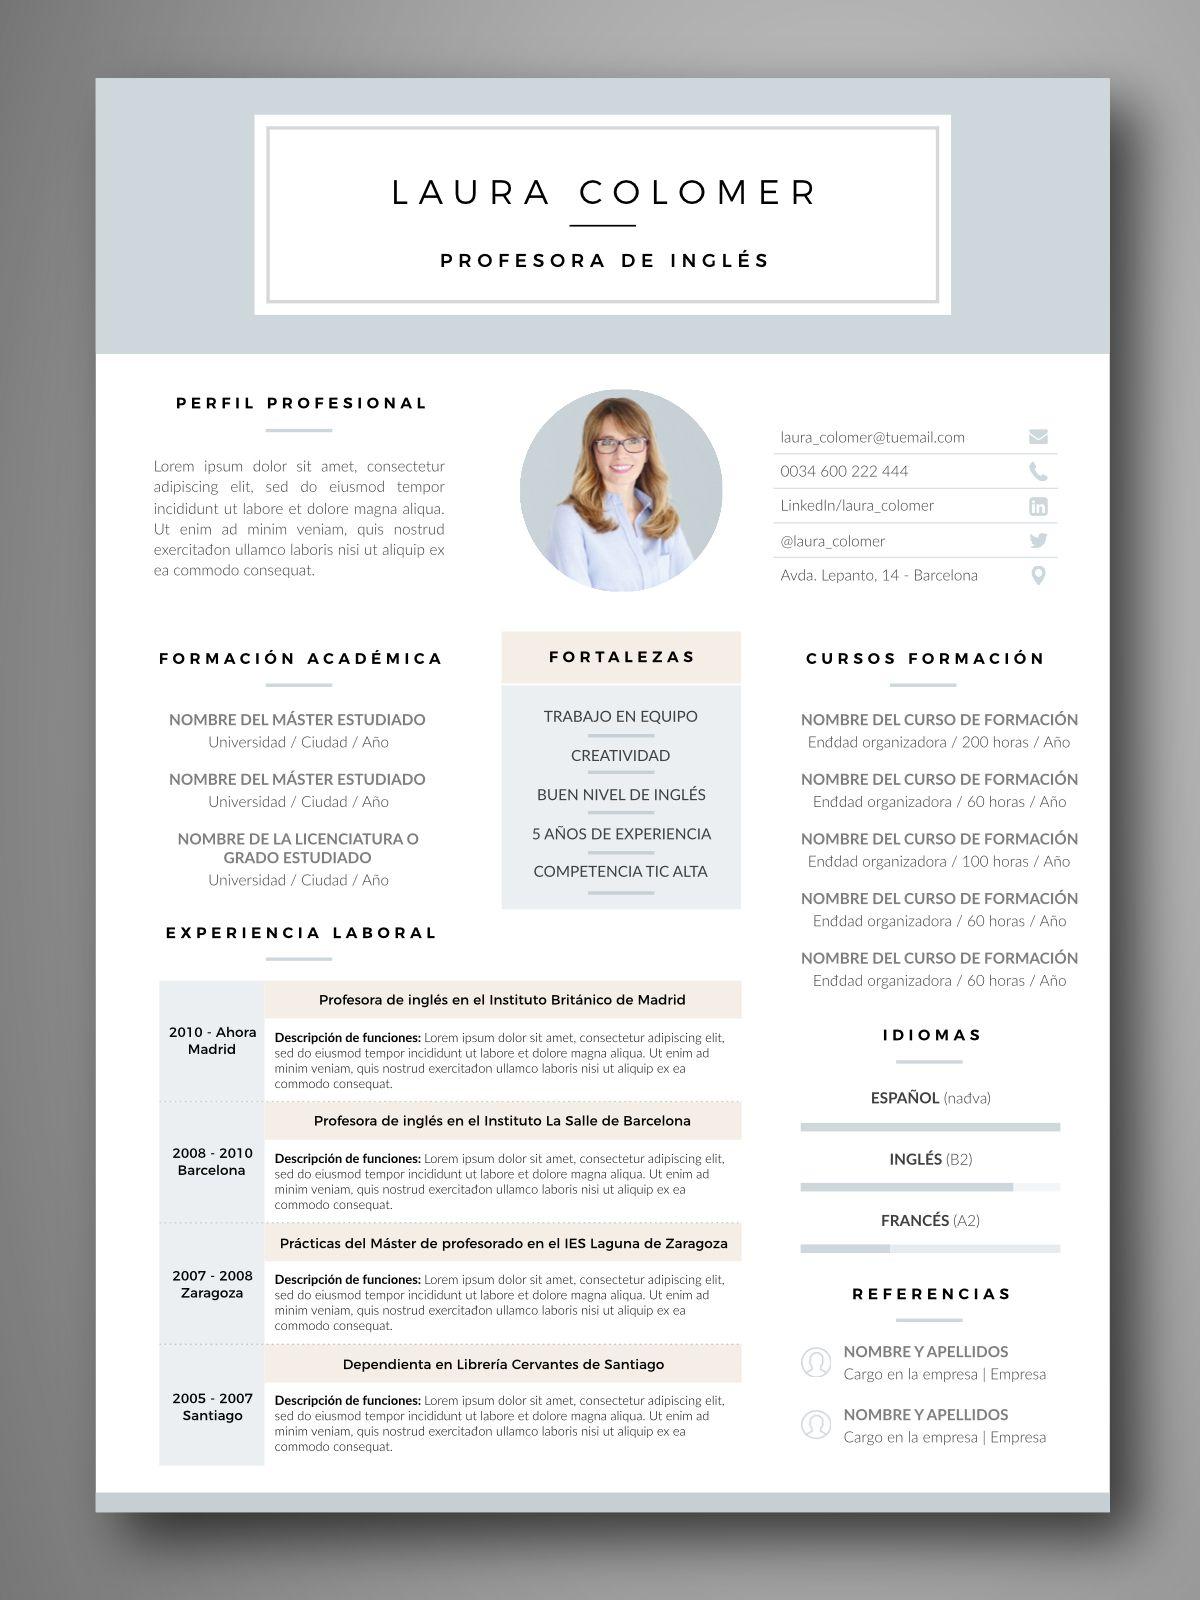 descarga plantillas editables de curriculum vitae  u2013 cv visuales y profesionales